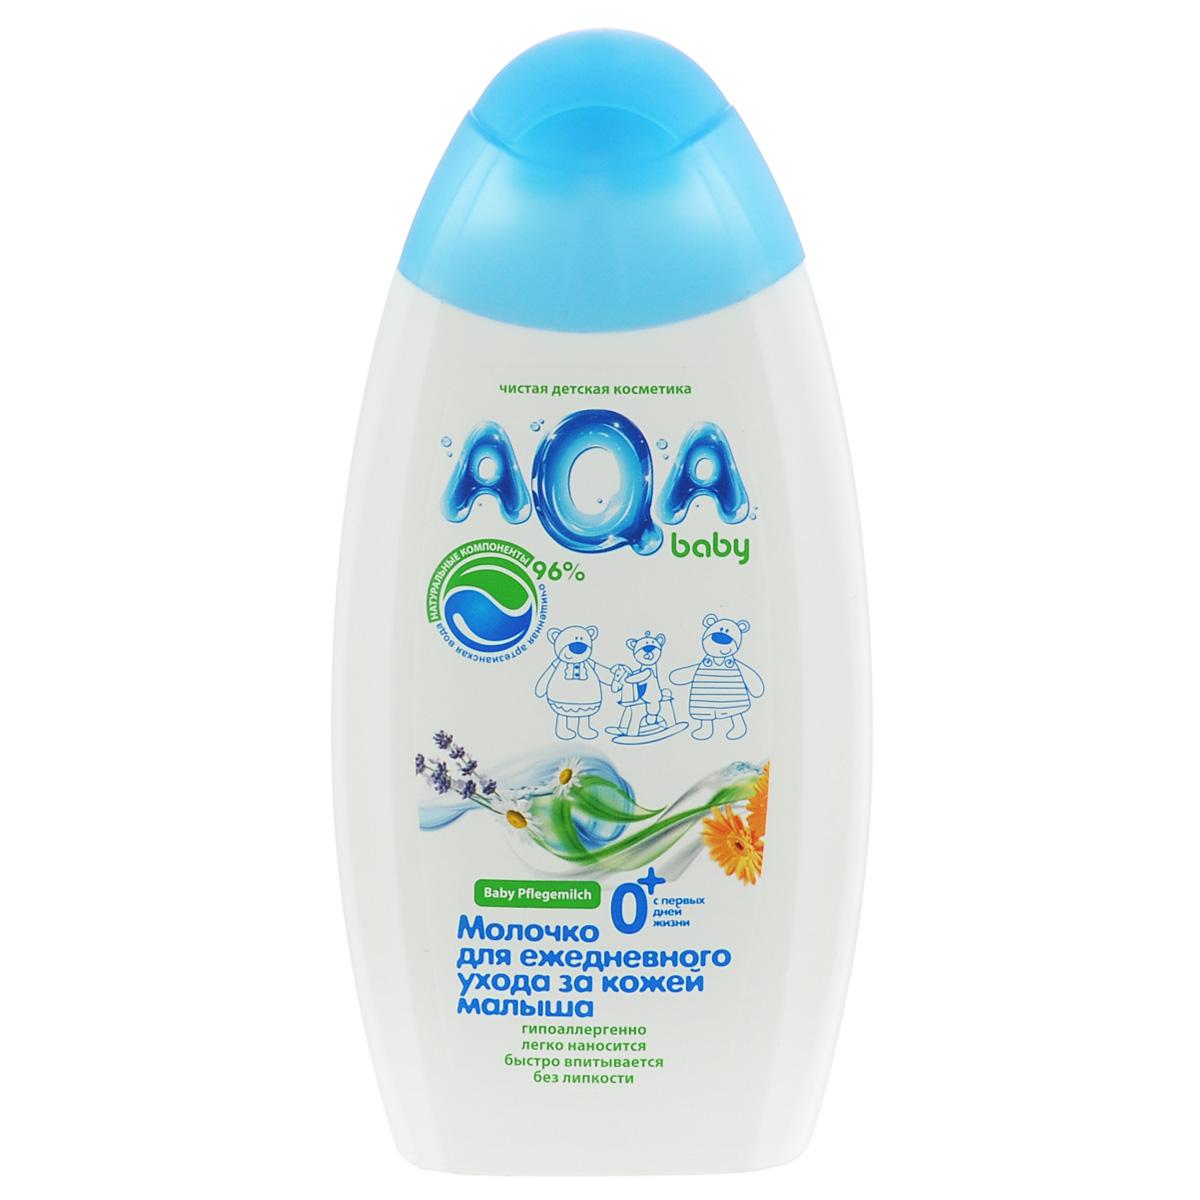 AQA baby Молочко для ежедневного ухода за кожей малыша2012201Бархатистое молочко для новорожденных специально создано для увлажнения кожи после купания, при сухости и шелушении. Легко наносится на тело, быстро впитывается без липкости. Обогащено натуральным маслом подсолнечника, экстрактом ромашки, лаванды, календулы и бисабололом, благотворно влияющими на нежную кожу. На 96% состоит из натуральных компонентов. Гипоаллергенное. Используется с рождения.